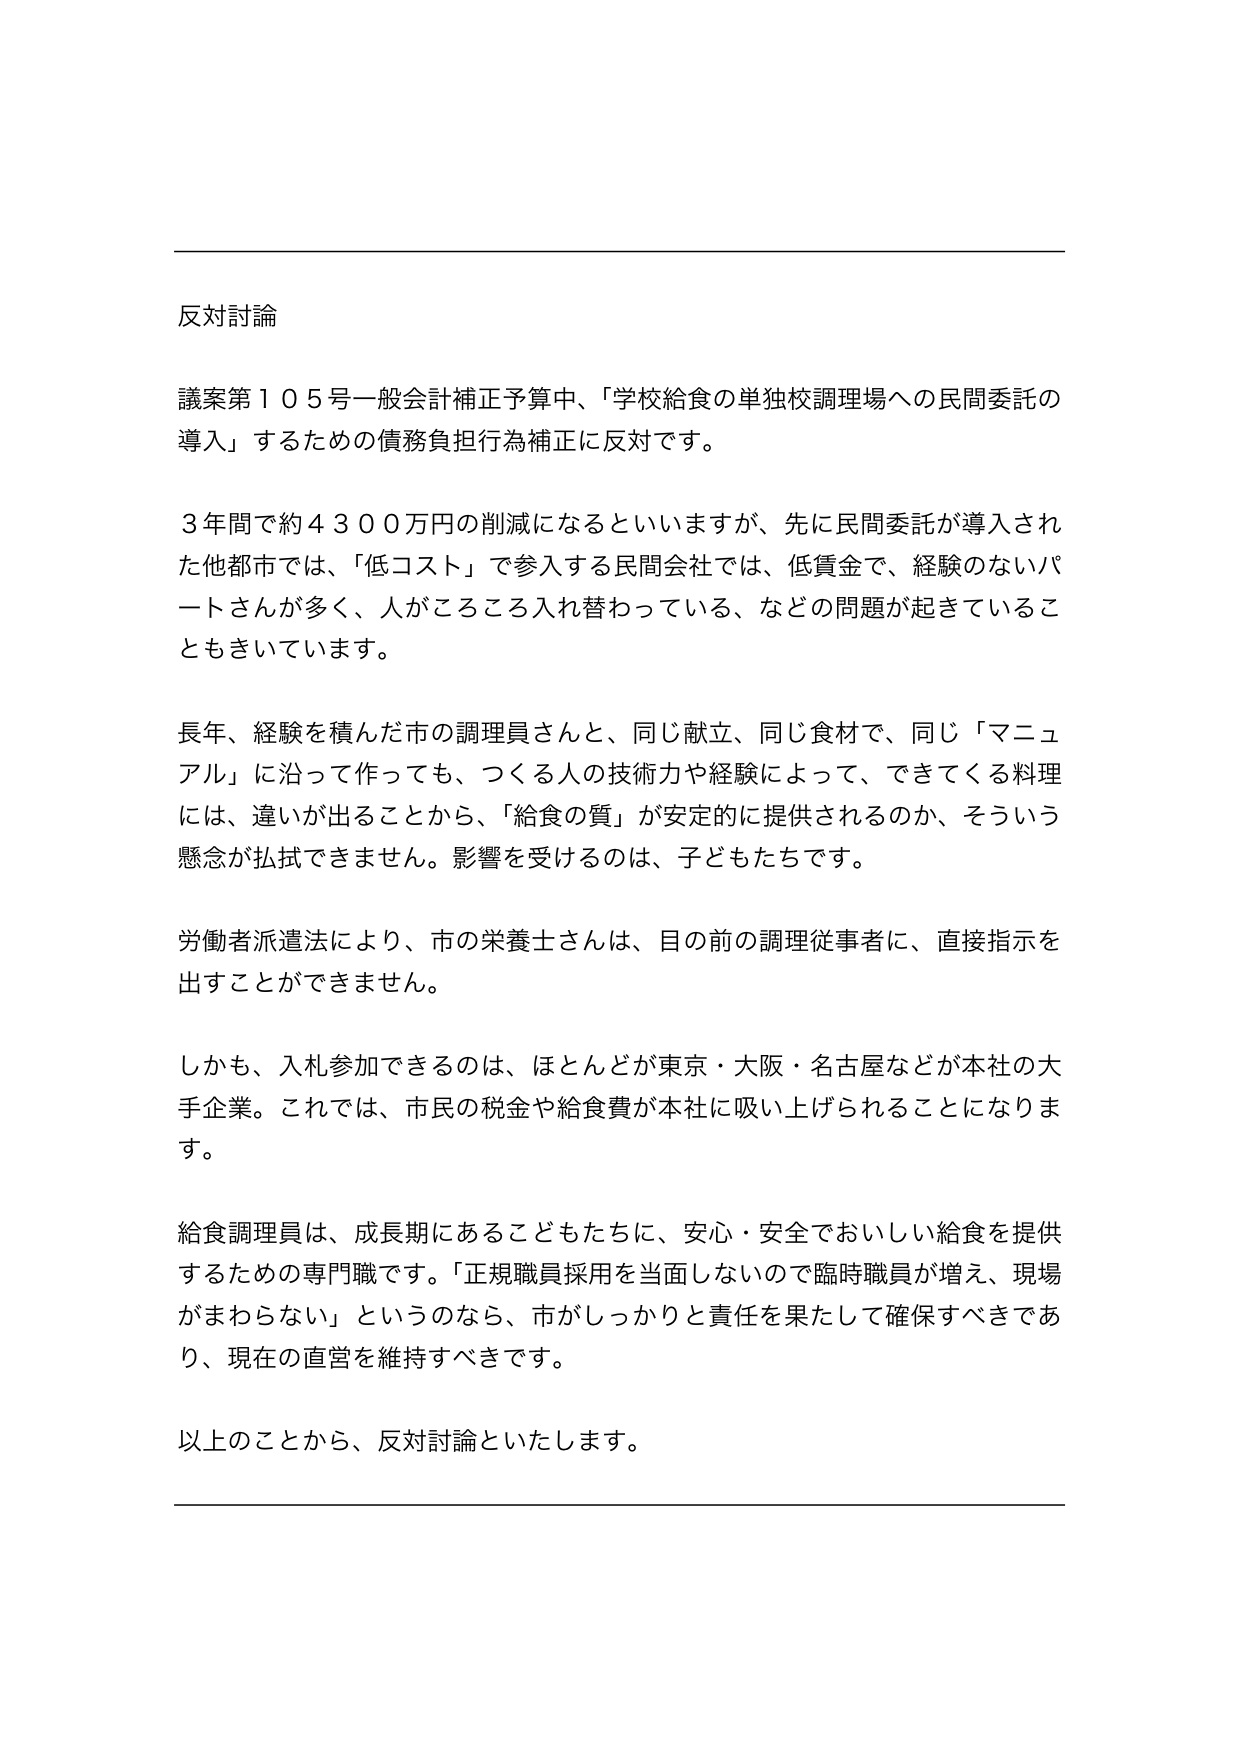 ⑤2012.9.20委員会質疑・討論メモ答弁入り